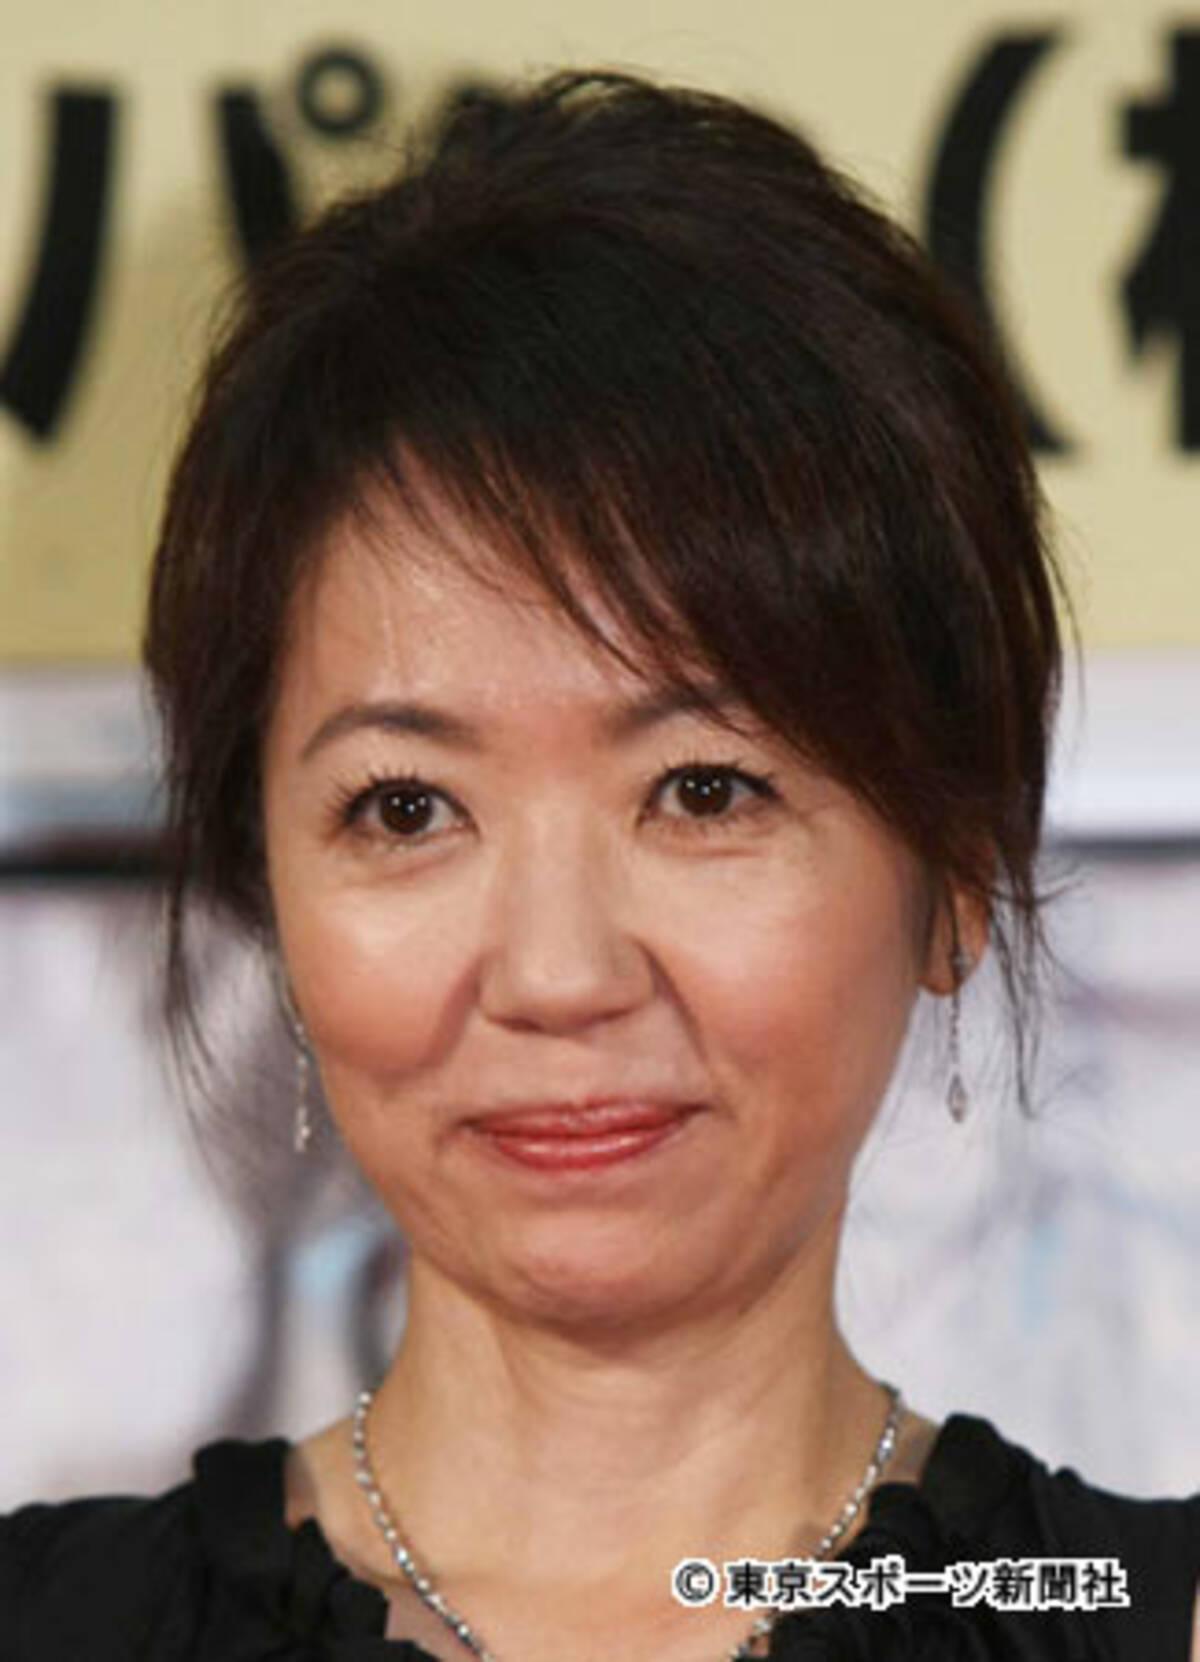 浅田美代子 熱愛報道の真相告白「さんまさんとは何もなかった」 (2017 ...